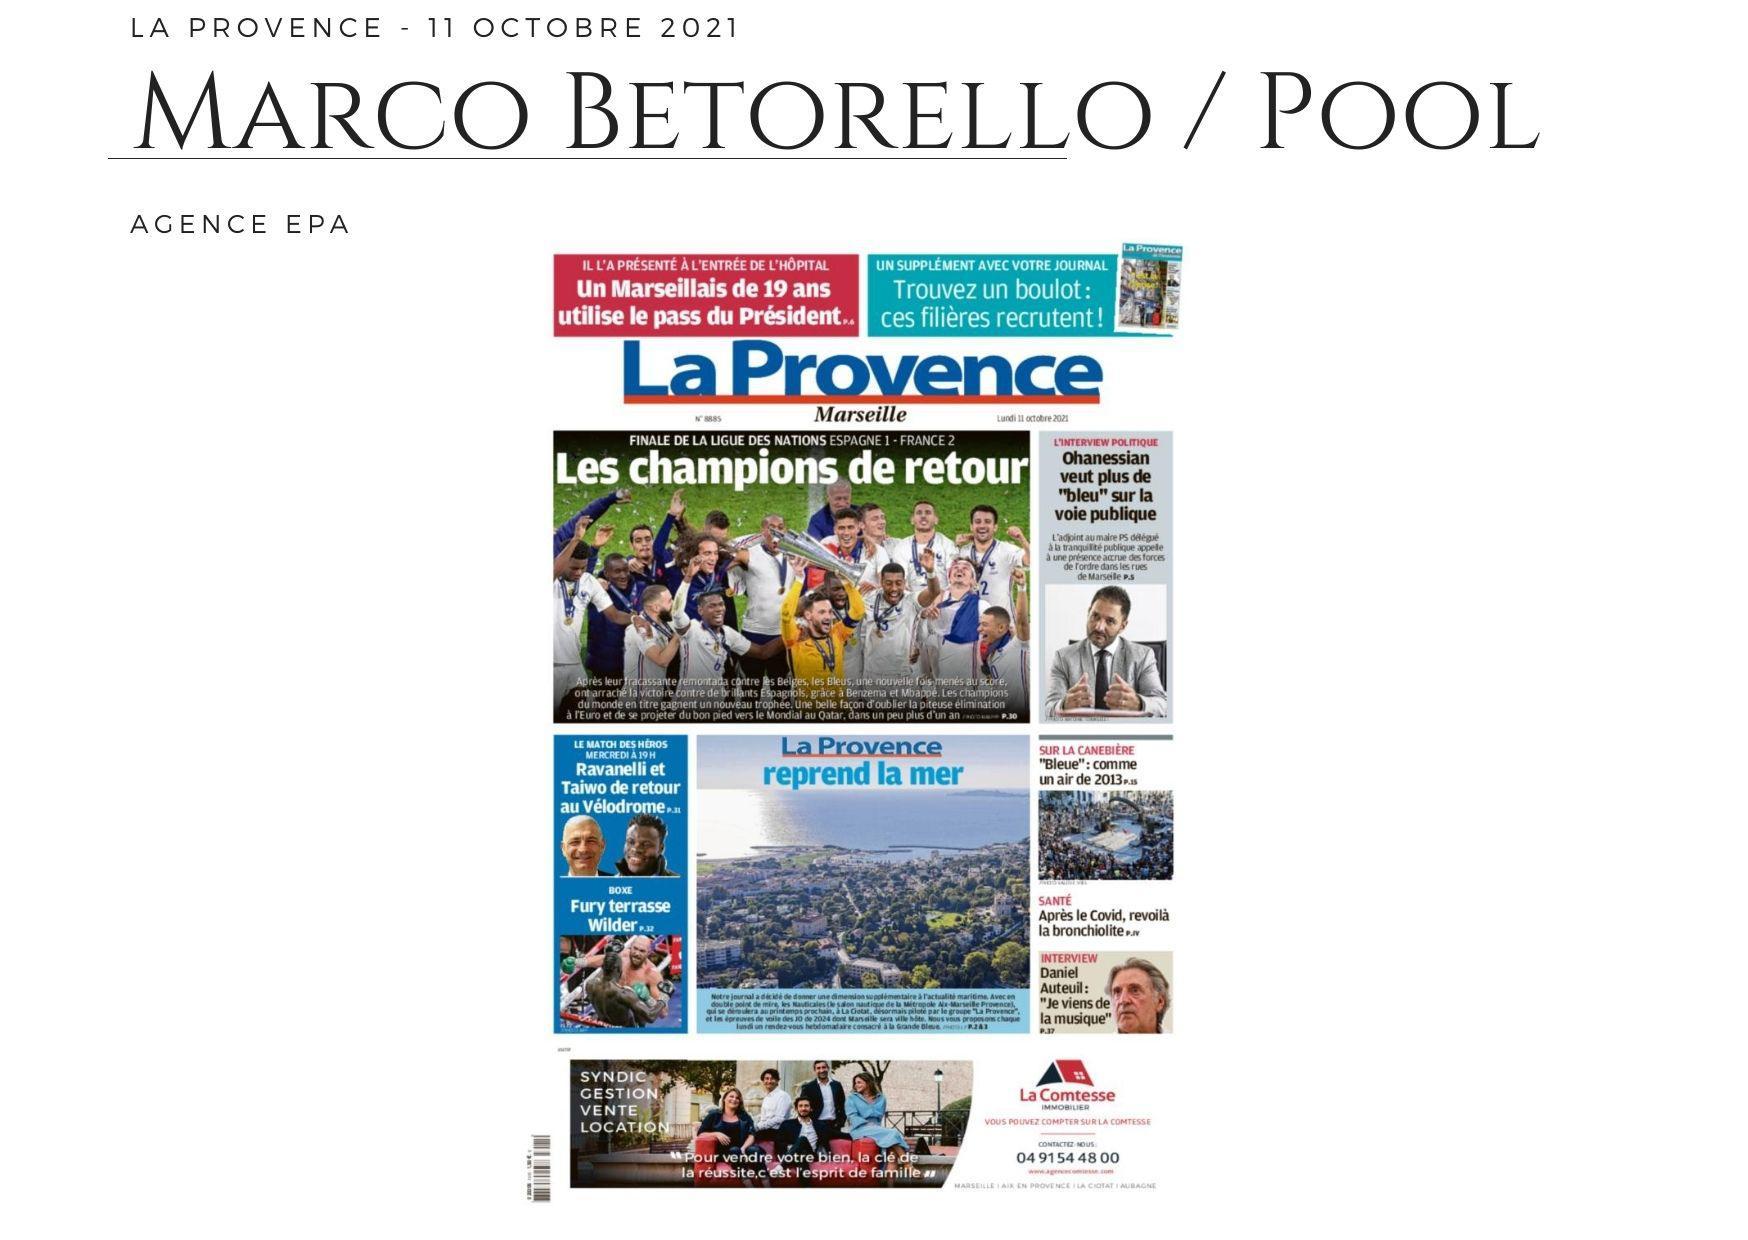 La Provence - 11 octobre 2021